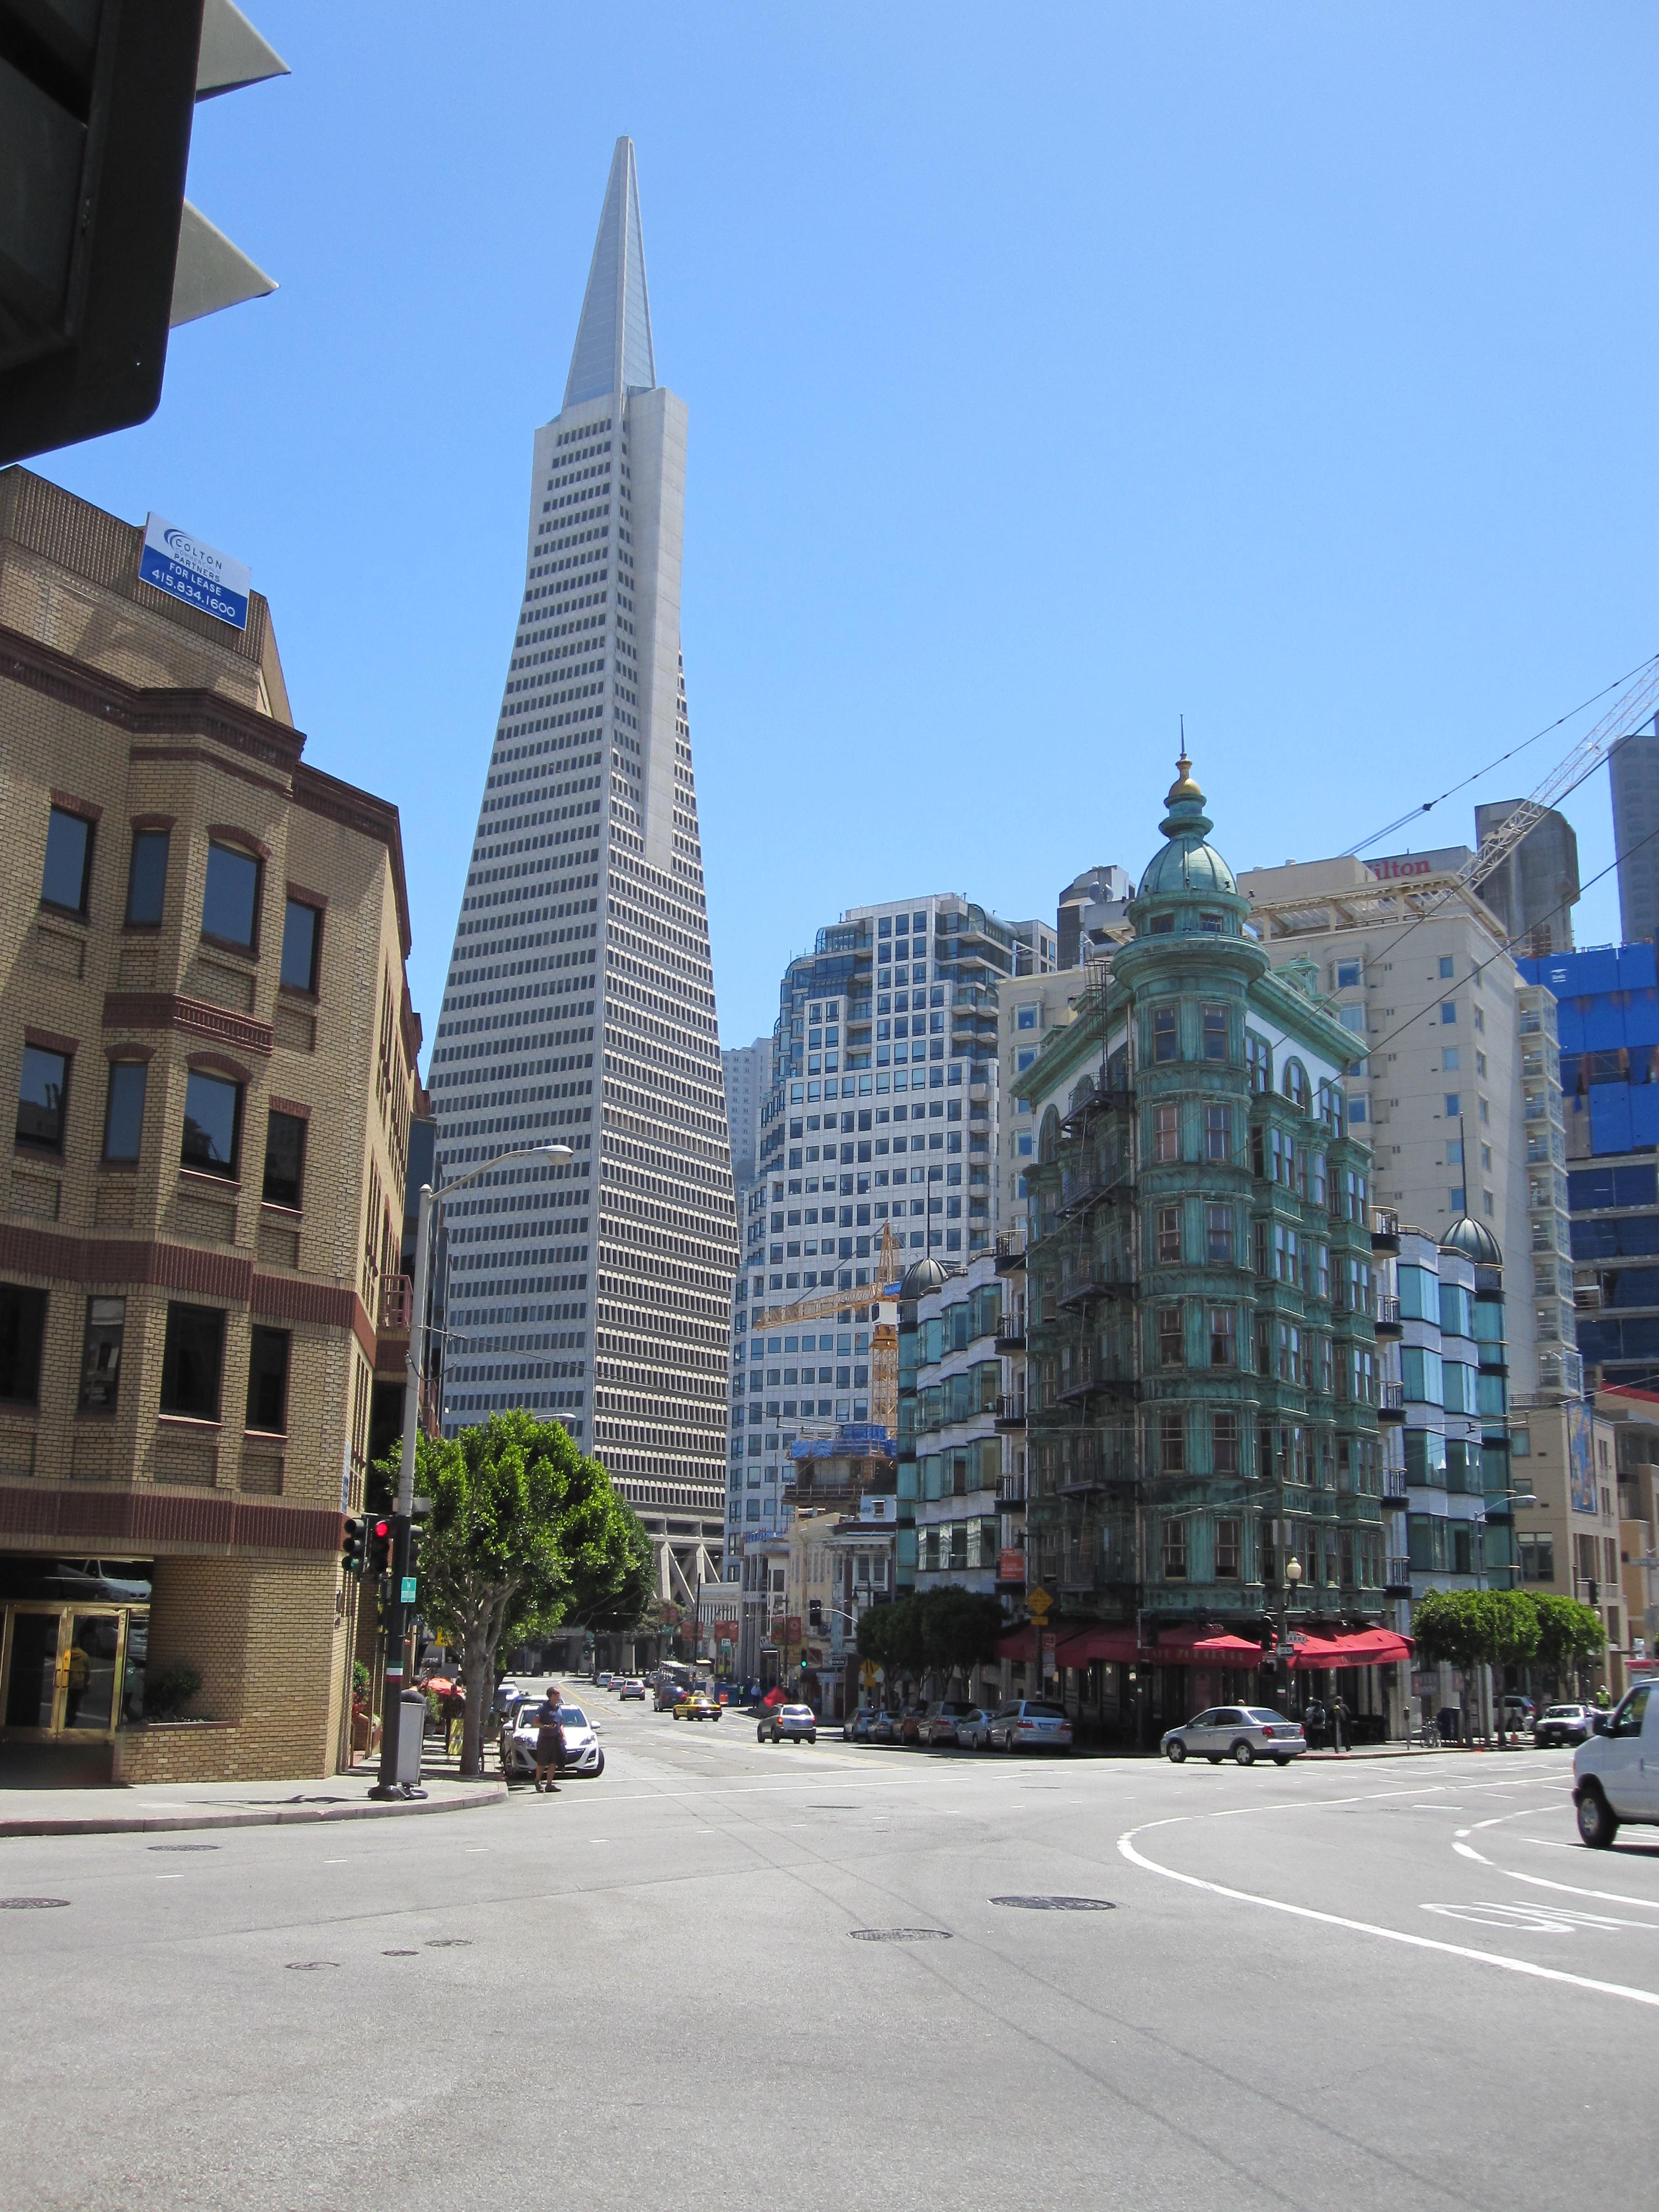 Transamerica building in San Francisco